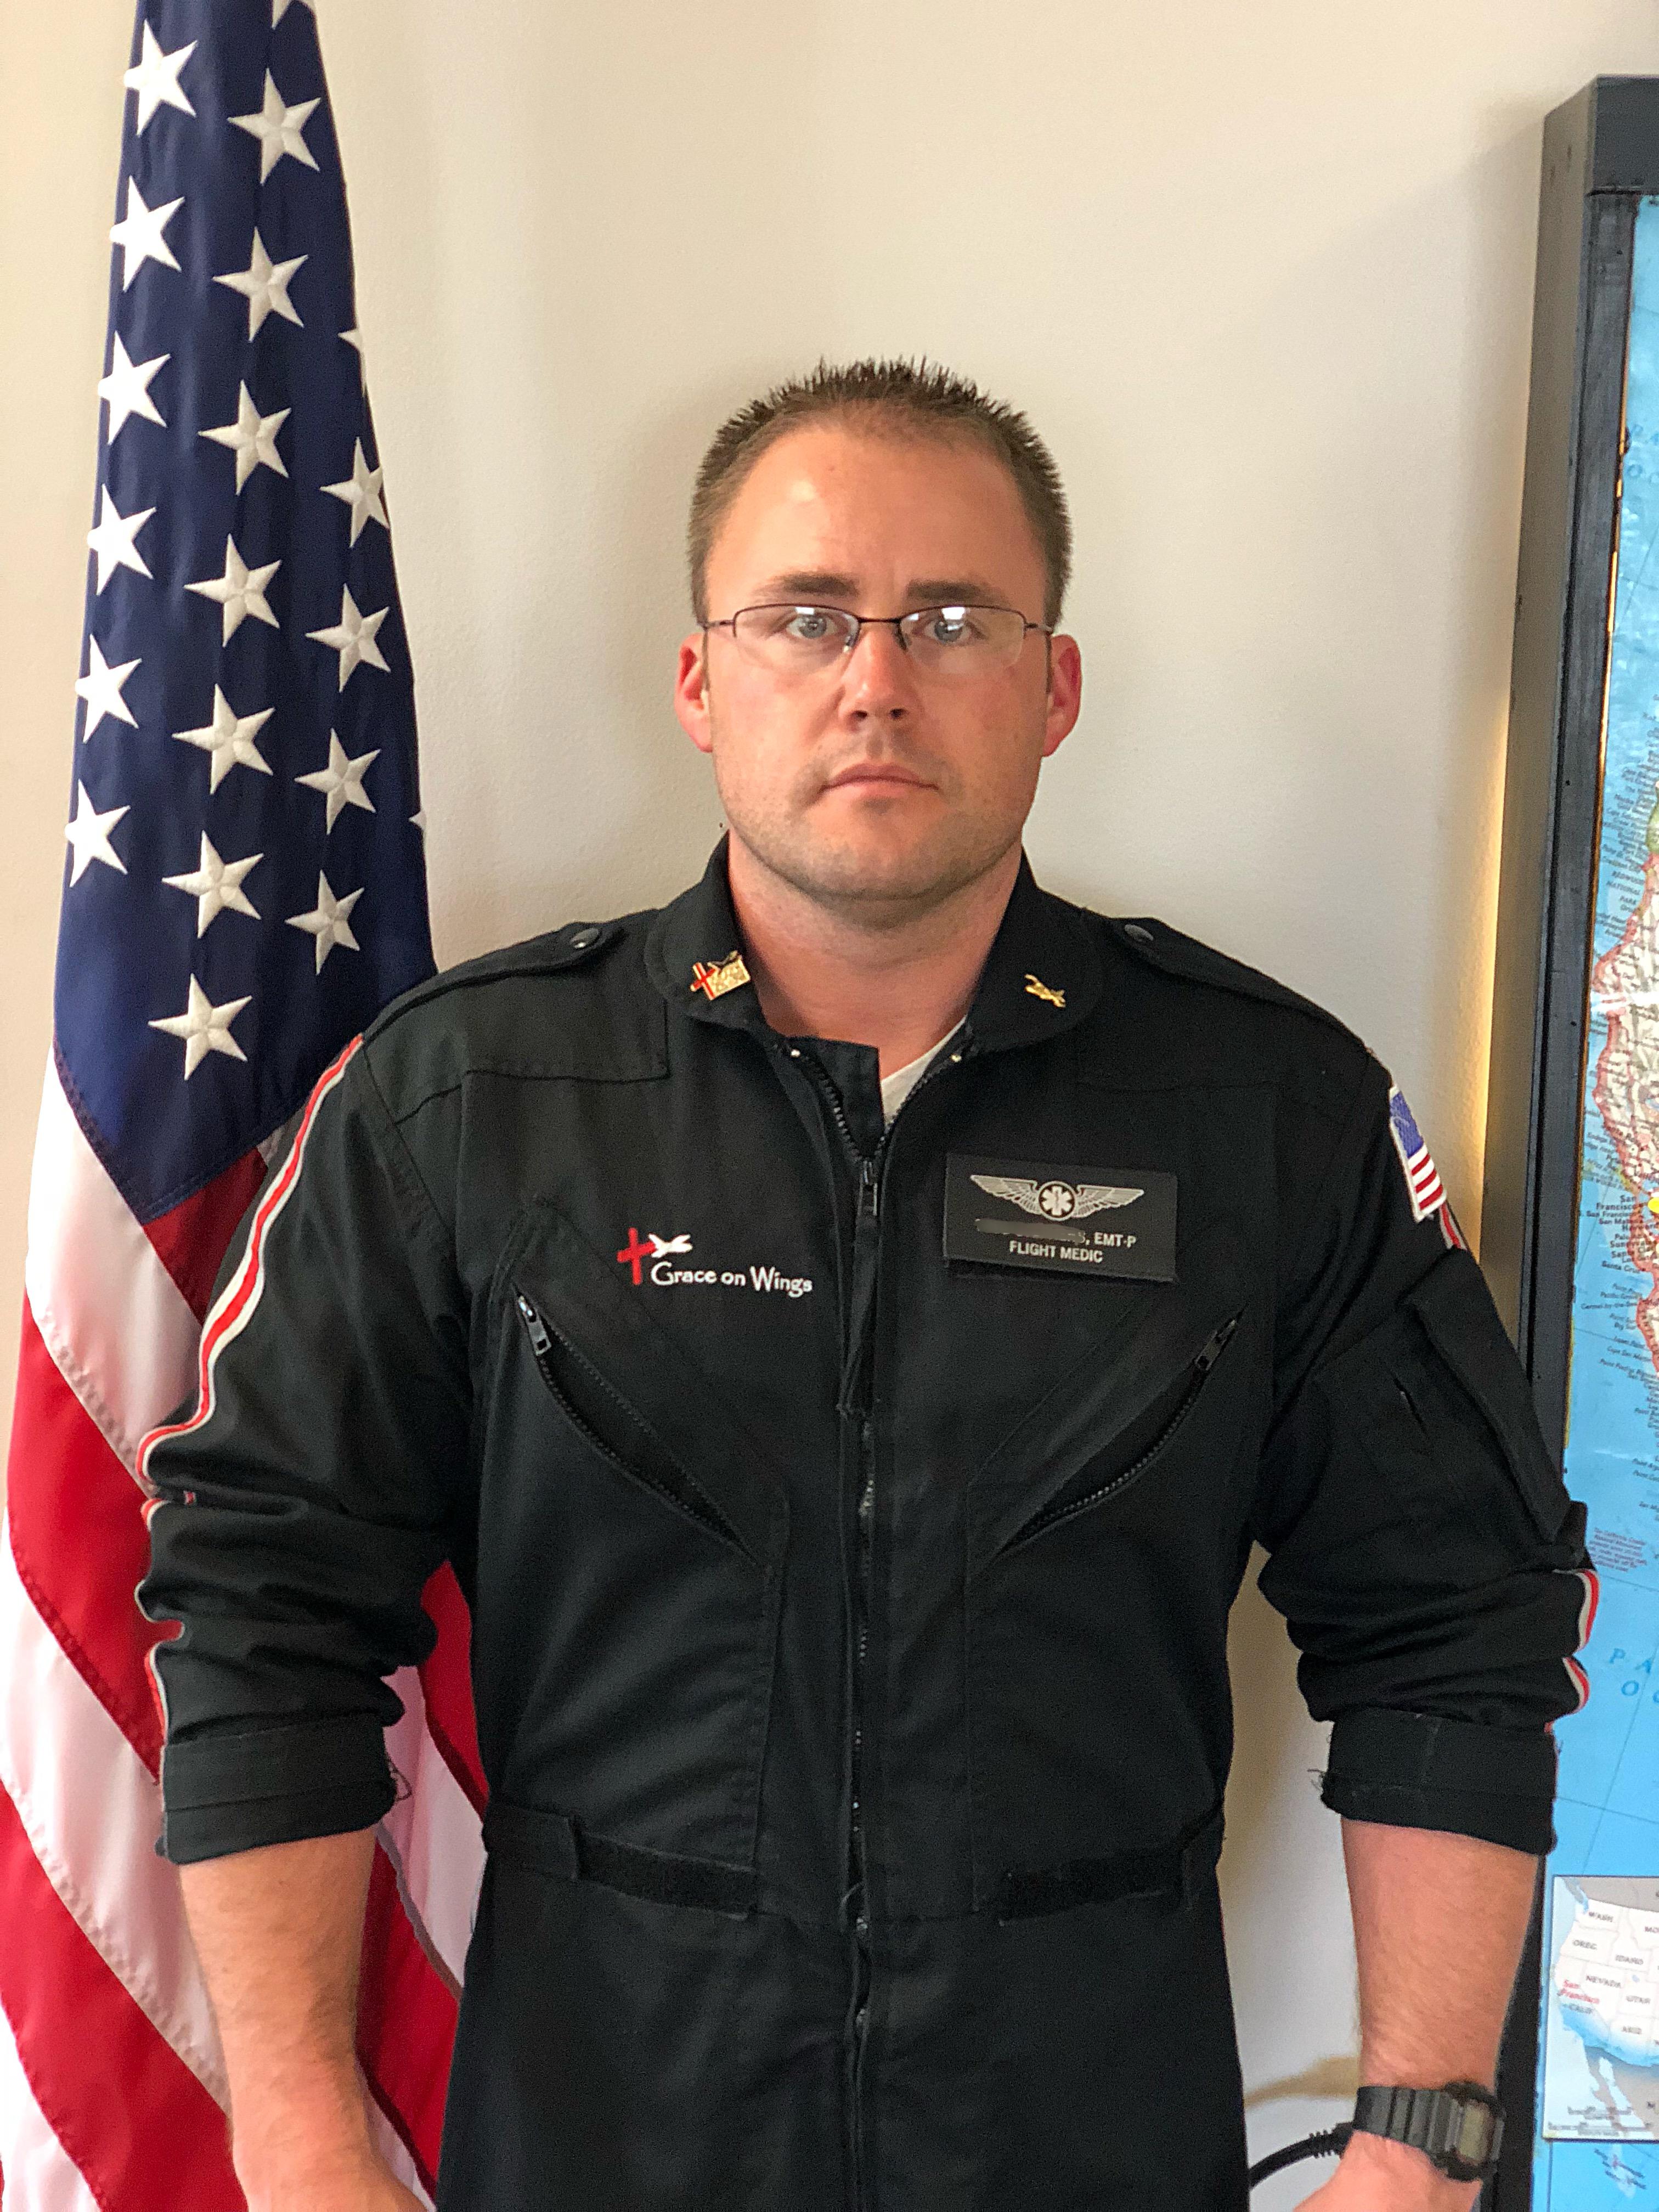 Spencer Stevens, EMT-P